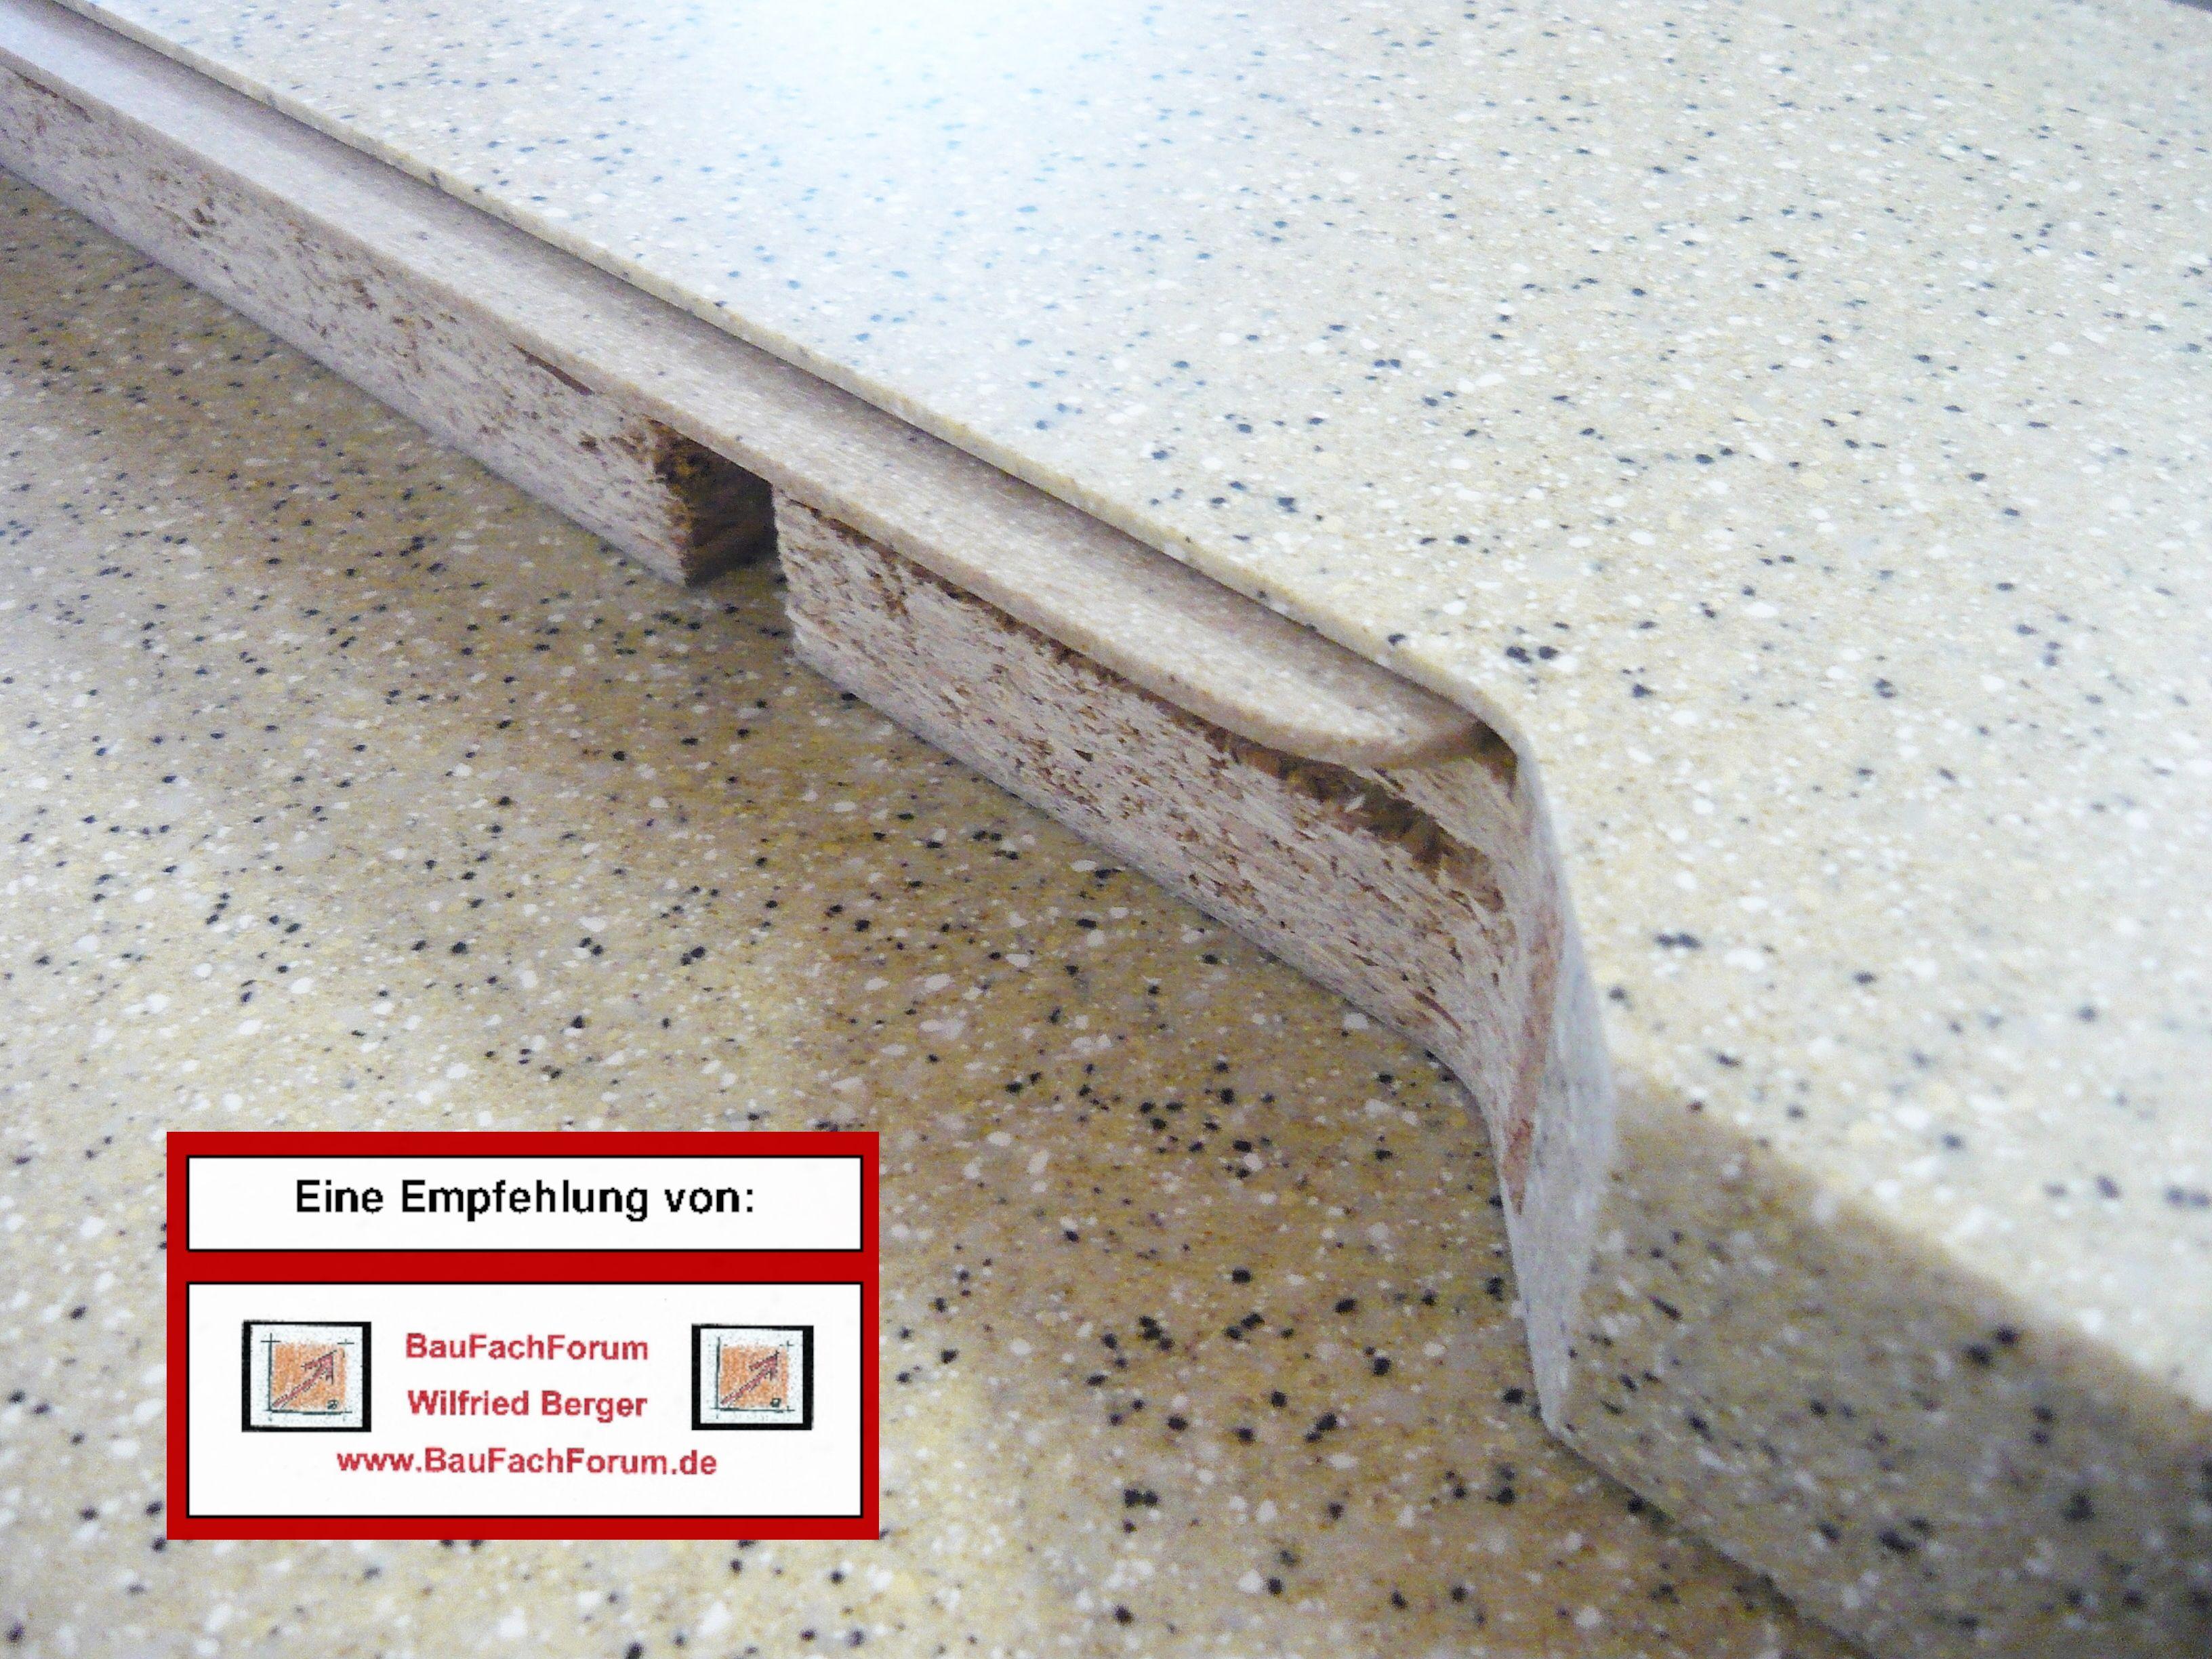 Baufachforum Schaden Sachverstandiger Wilfried Berger Verbindungsfugen Mineralsteinplatten Mineralwerkstoffe Getali Fenster Einbauen Arbeitsplatte Produkt